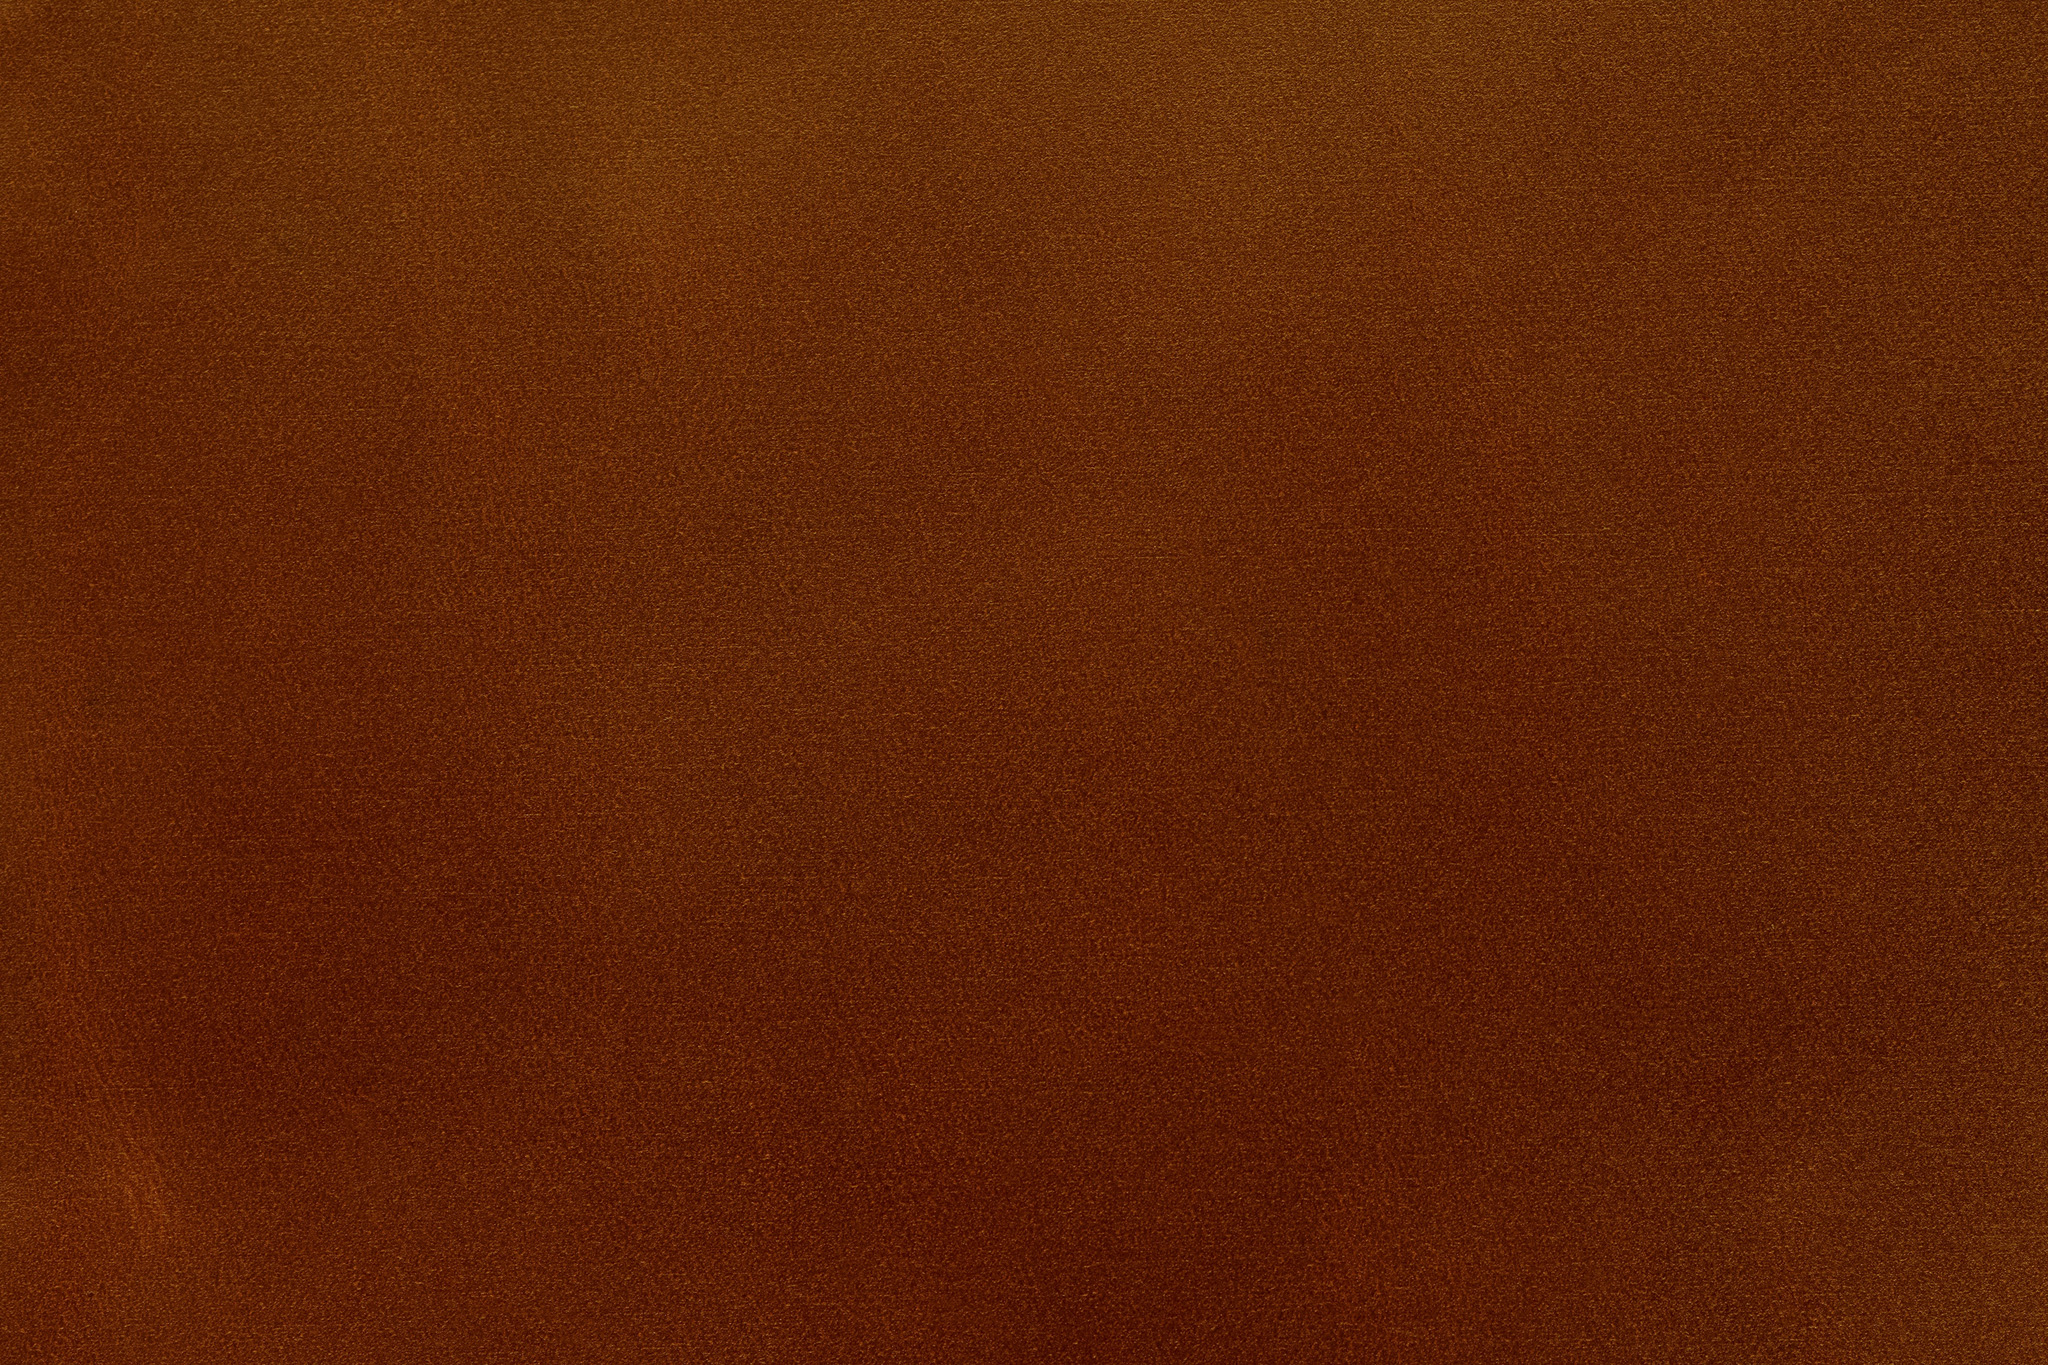 「滑らかな手触りの革の素材」